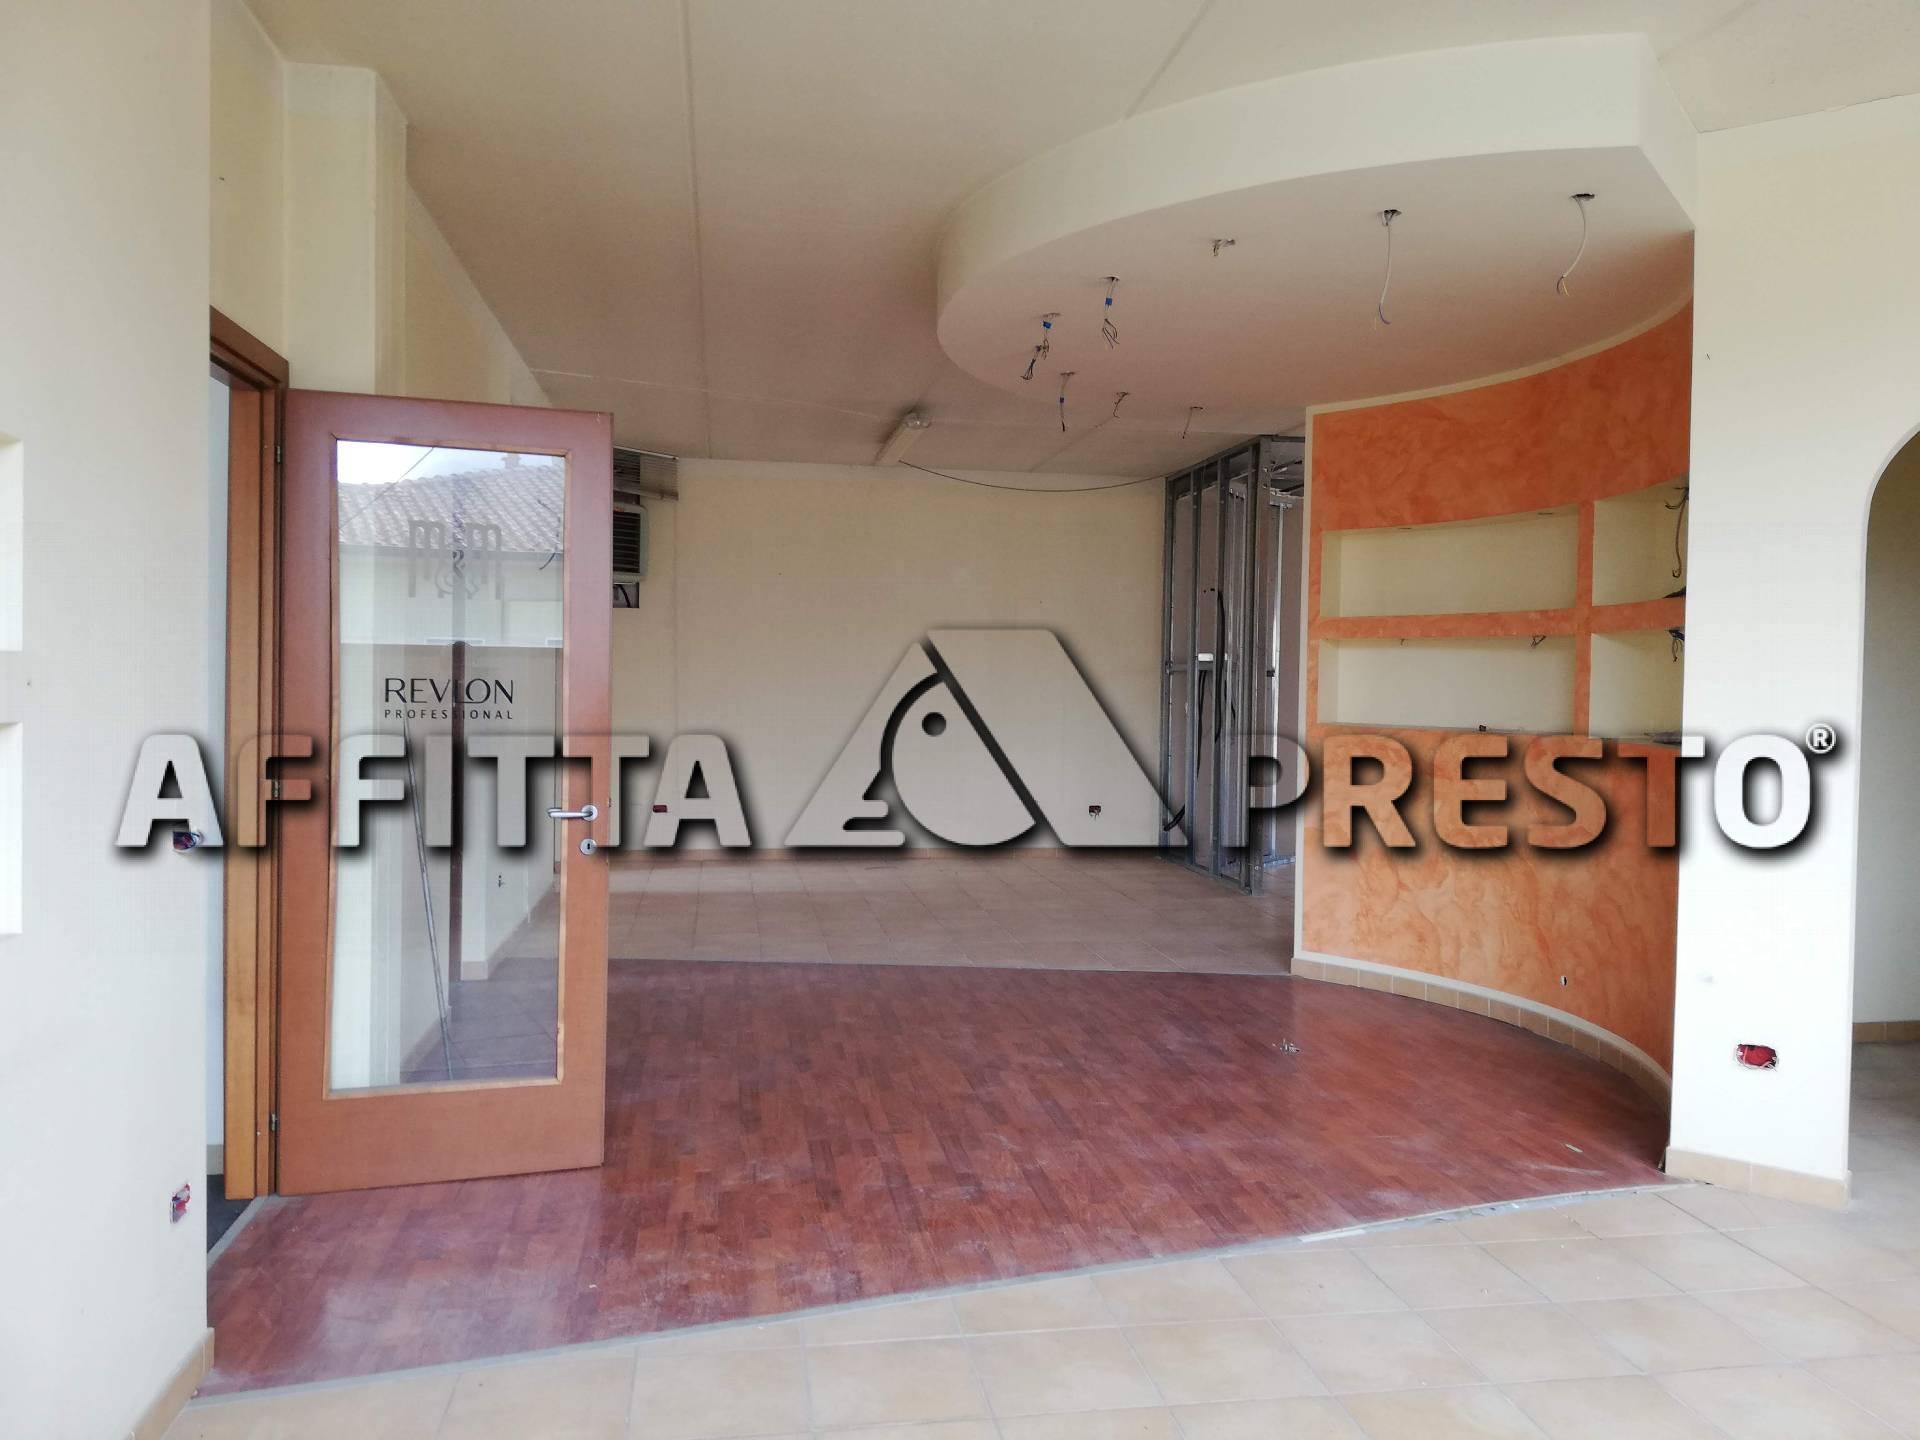 Attività / Licenza in affitto a Castelfranco di Sotto, 9999 locali, prezzo € 1.000 | CambioCasa.it